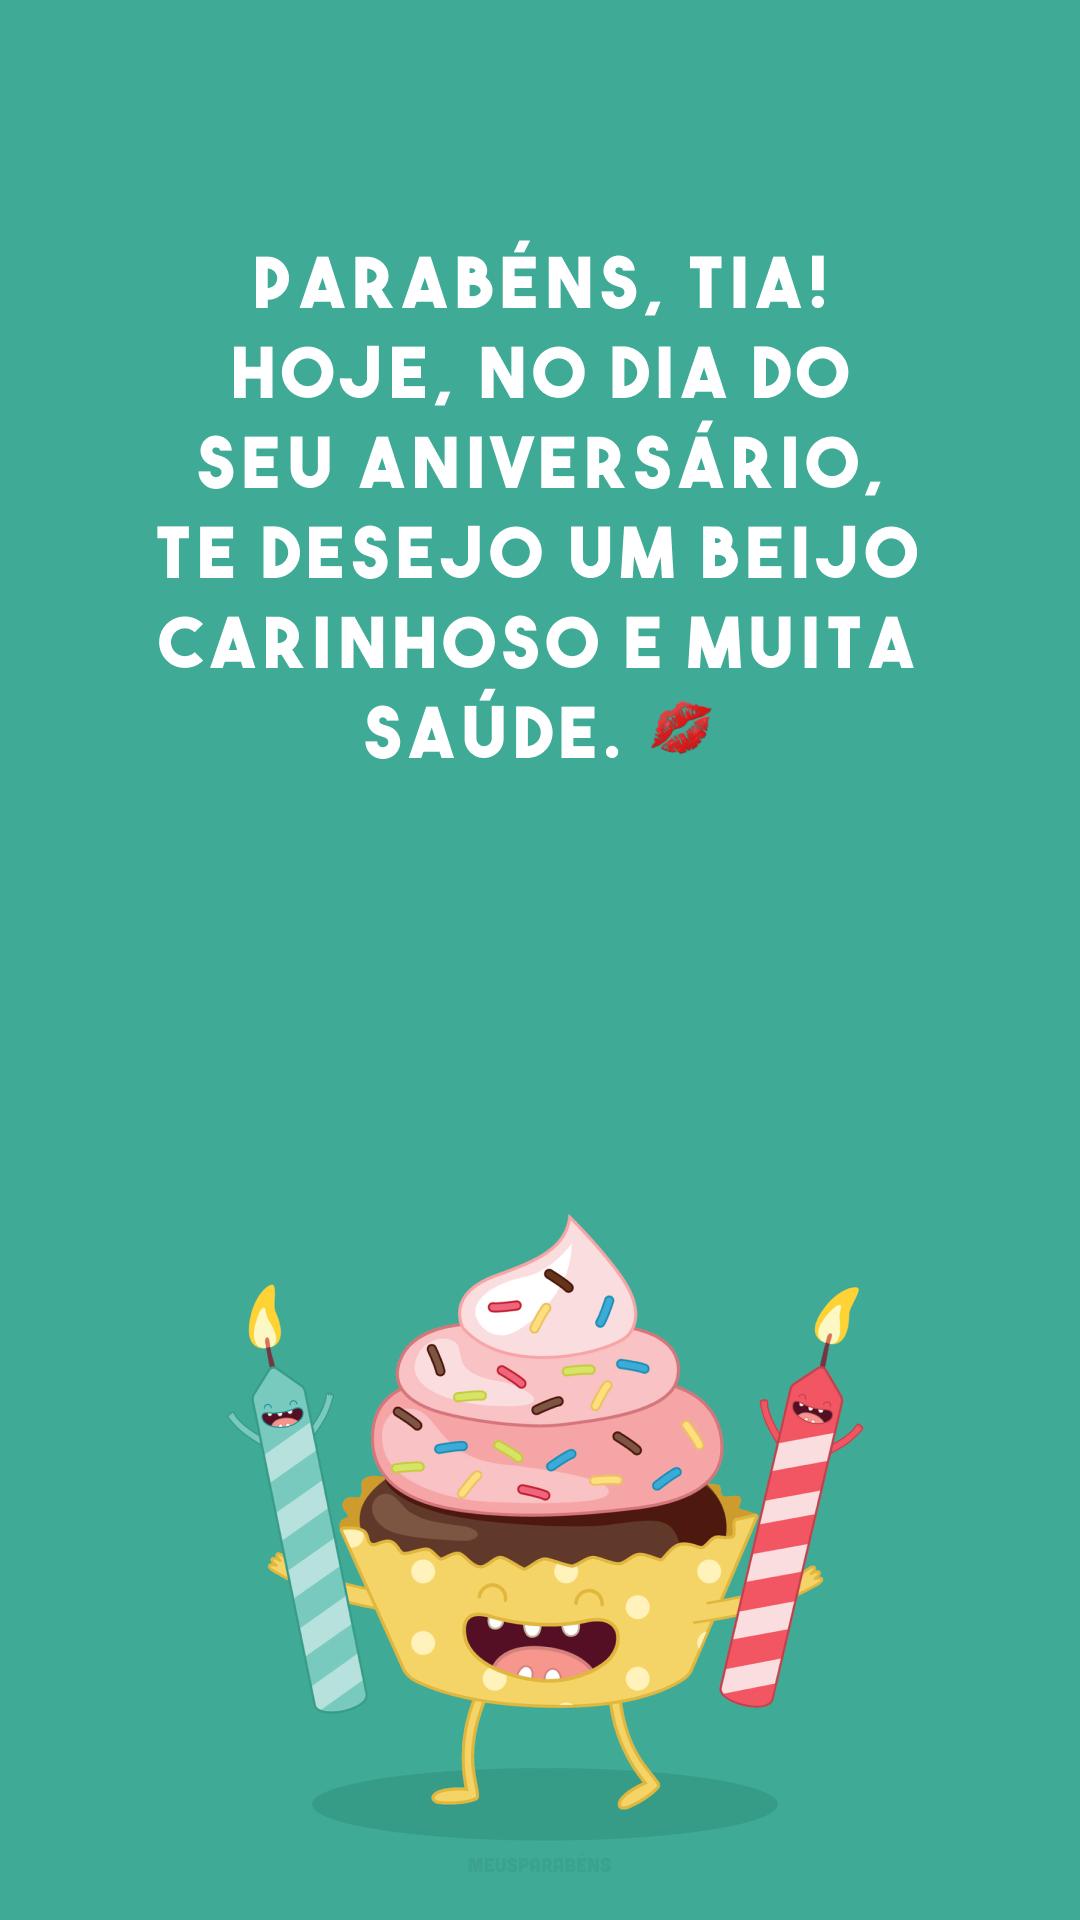 Parabéns, tia! Hoje, no dia do seu aniversário, te desejo um beijo carinhoso e muita saúde. 💋